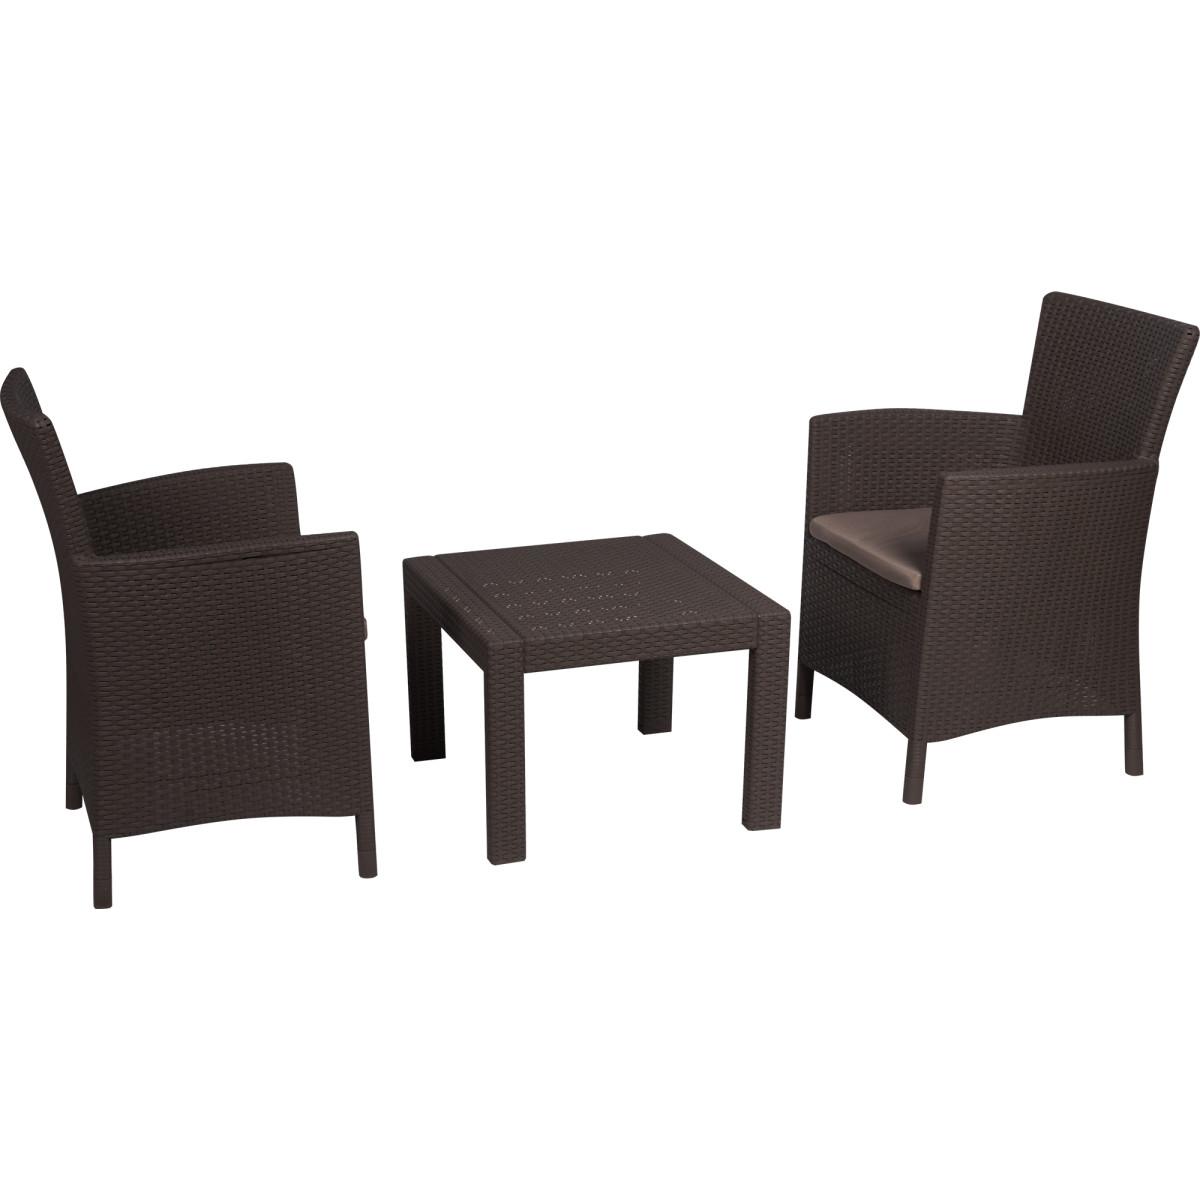 Набор садовой мебели Keter Rosario полиротанг капучино стол и 2 кресла